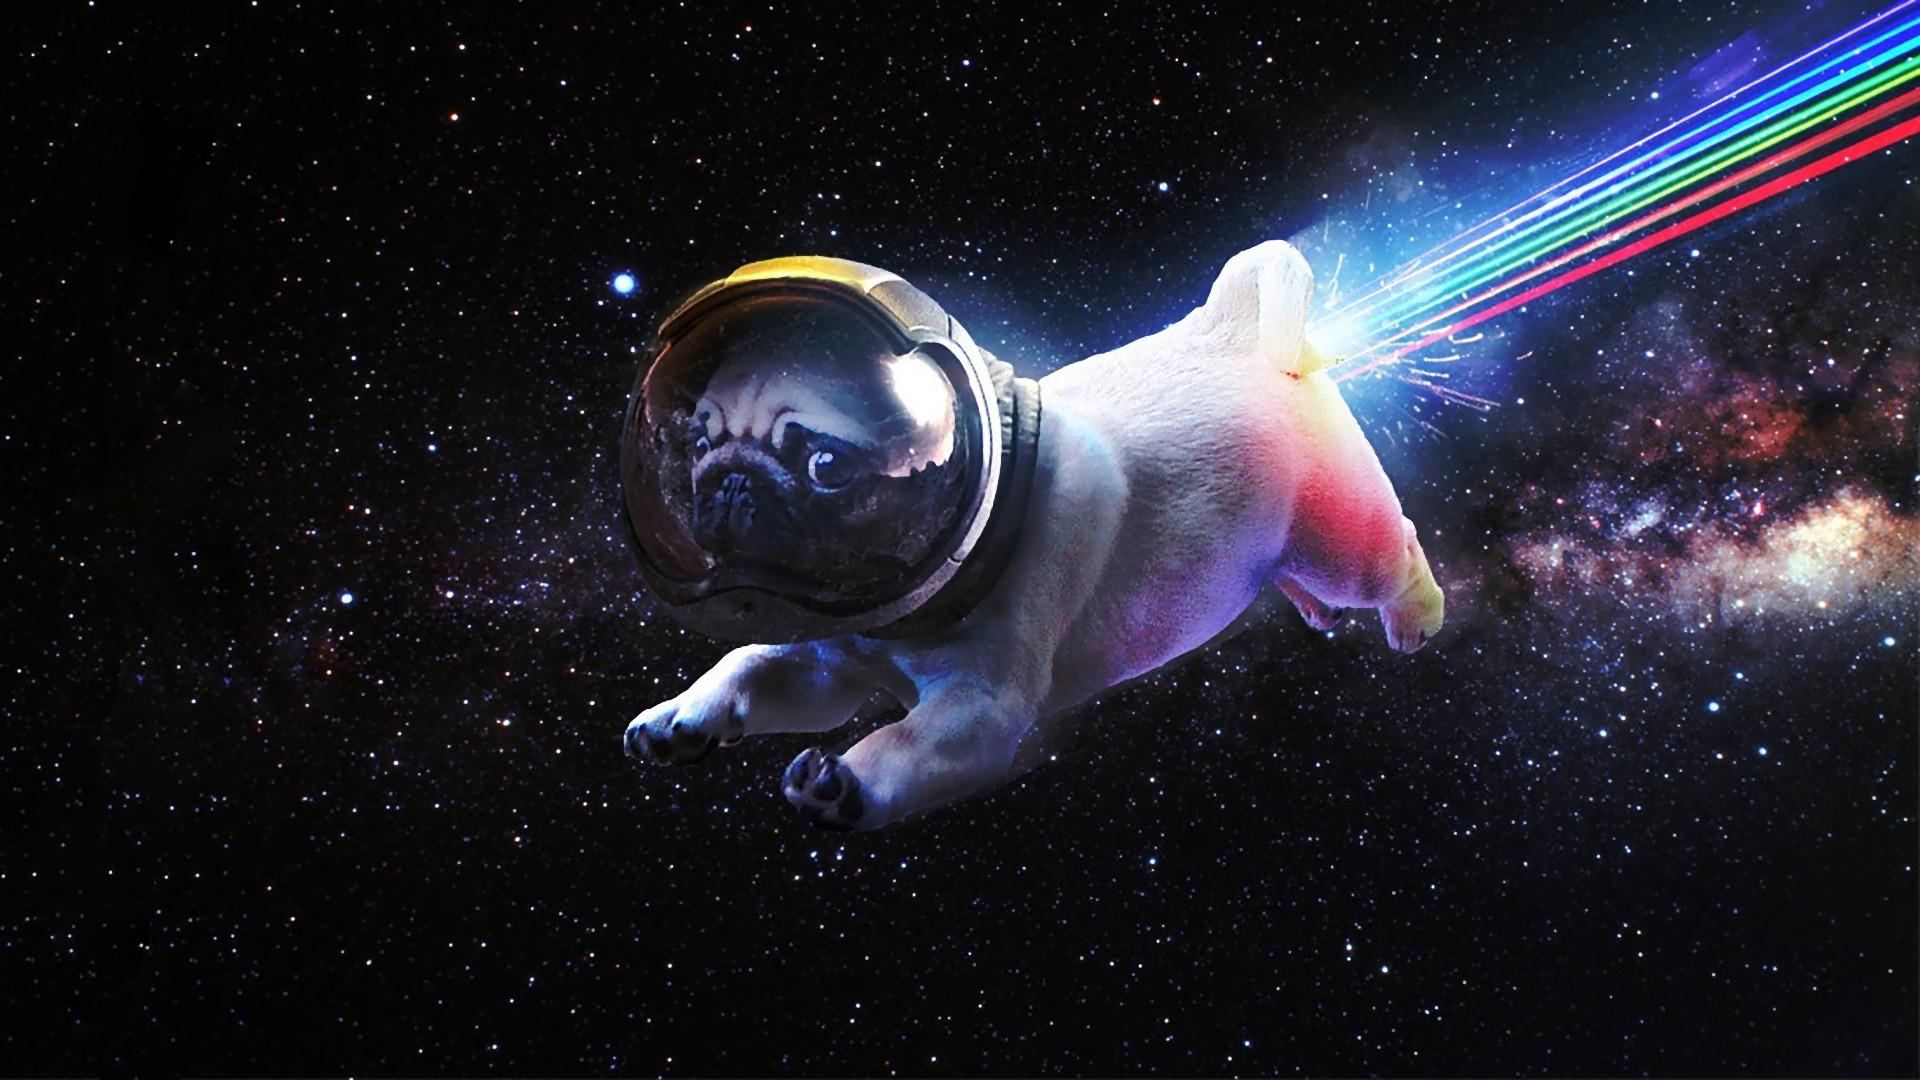 ней было картинка прикольного космоса рецепты категории